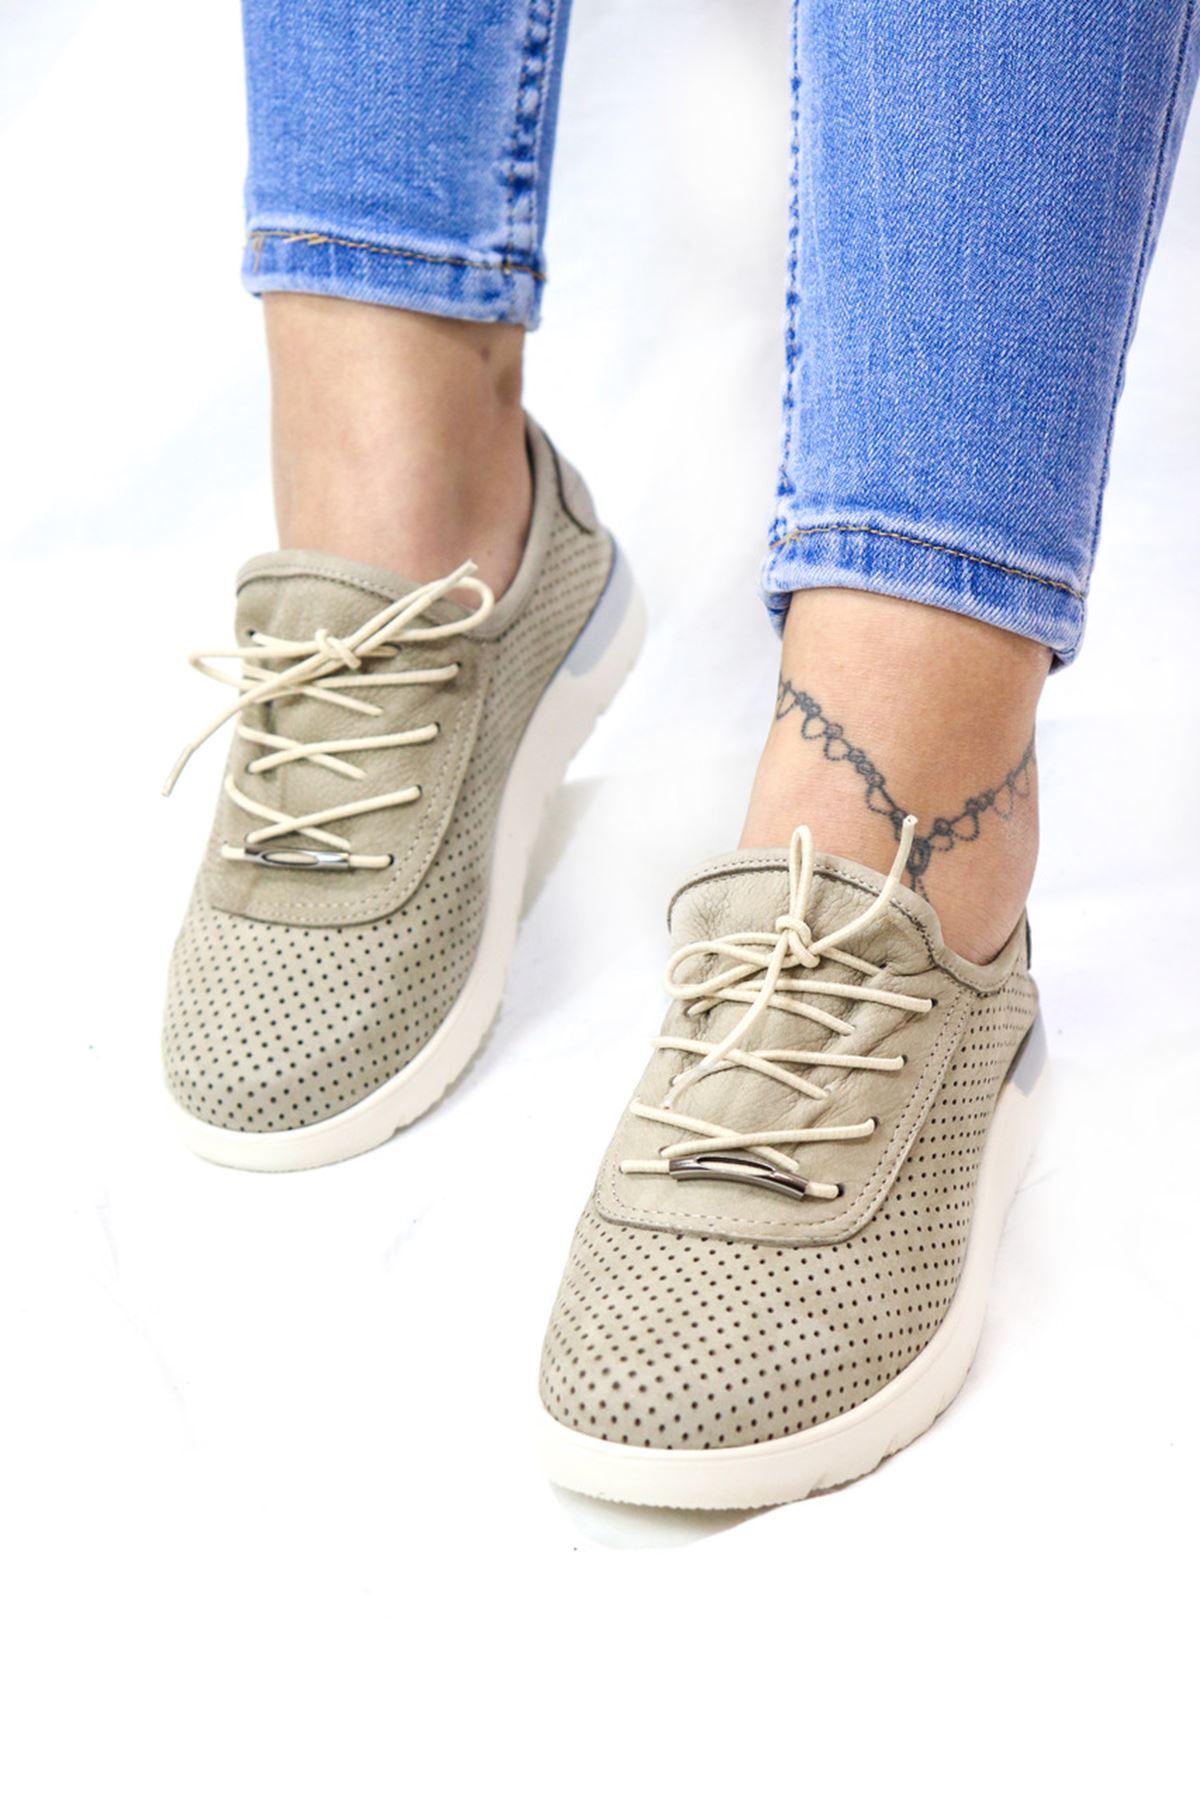 Trendayakkabı - 216 CMF - Vizon Nubuk Kadın Ayakkabısı